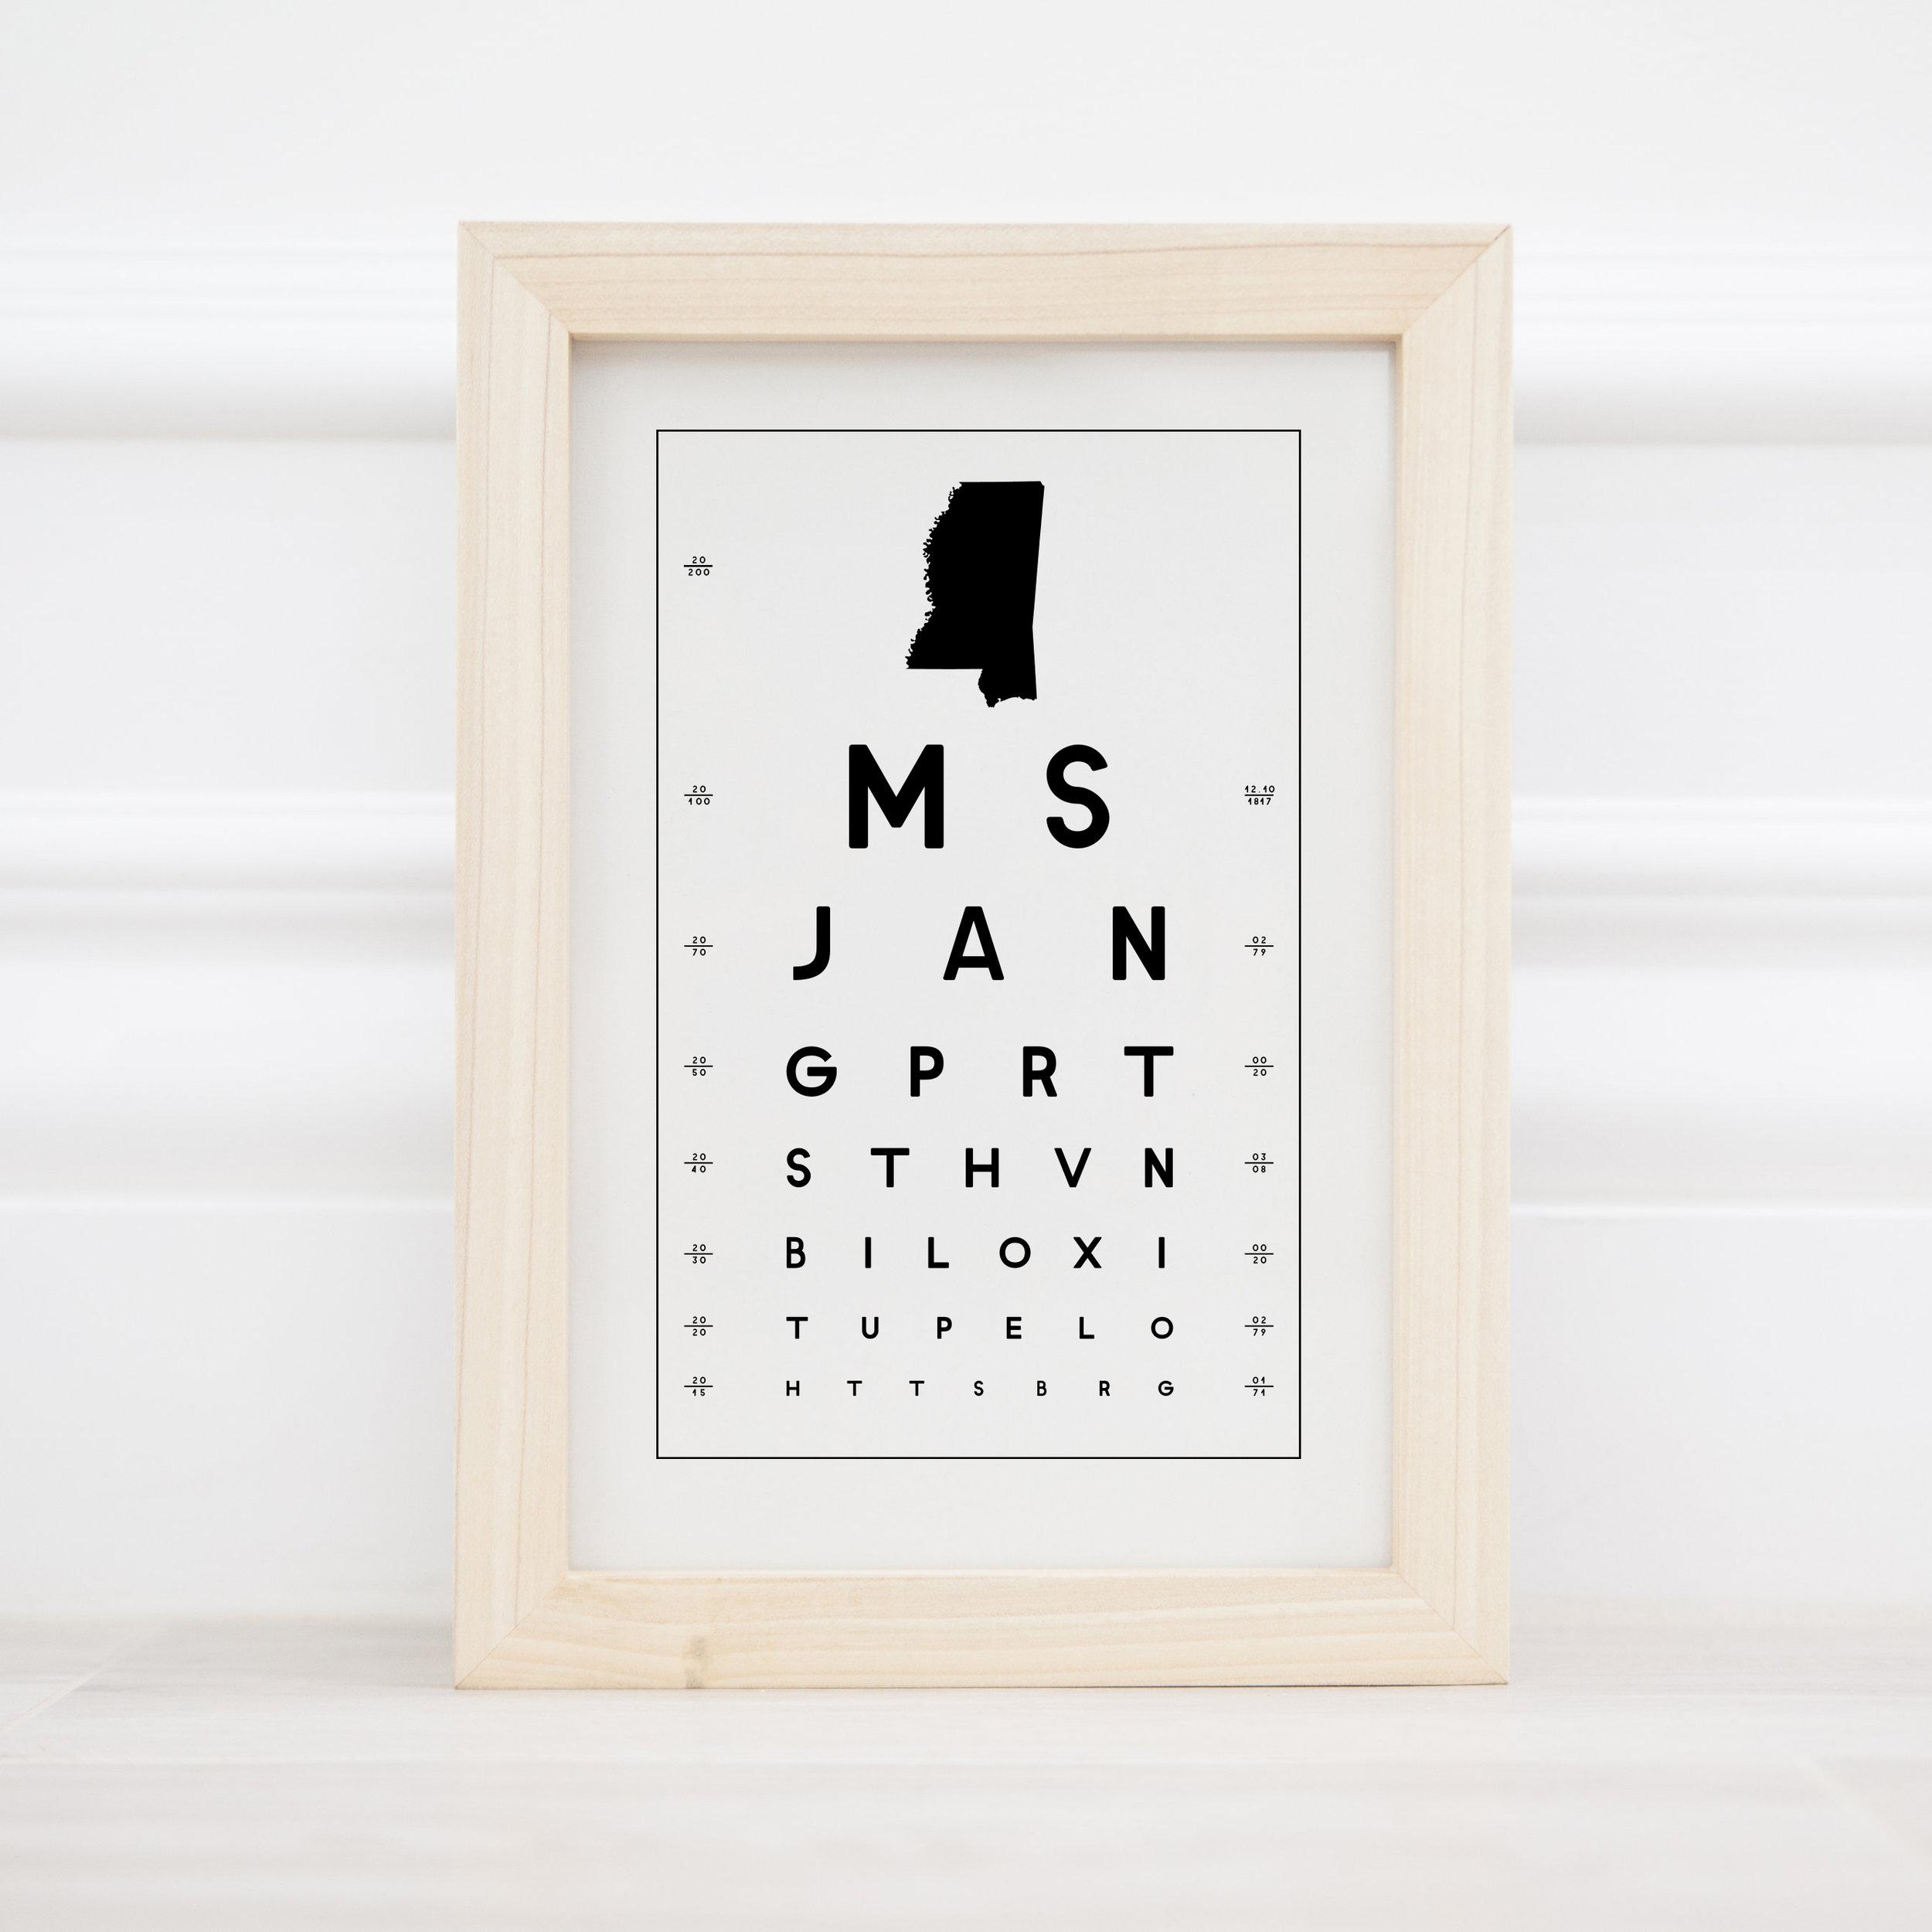 MS Framed1-1.jpg